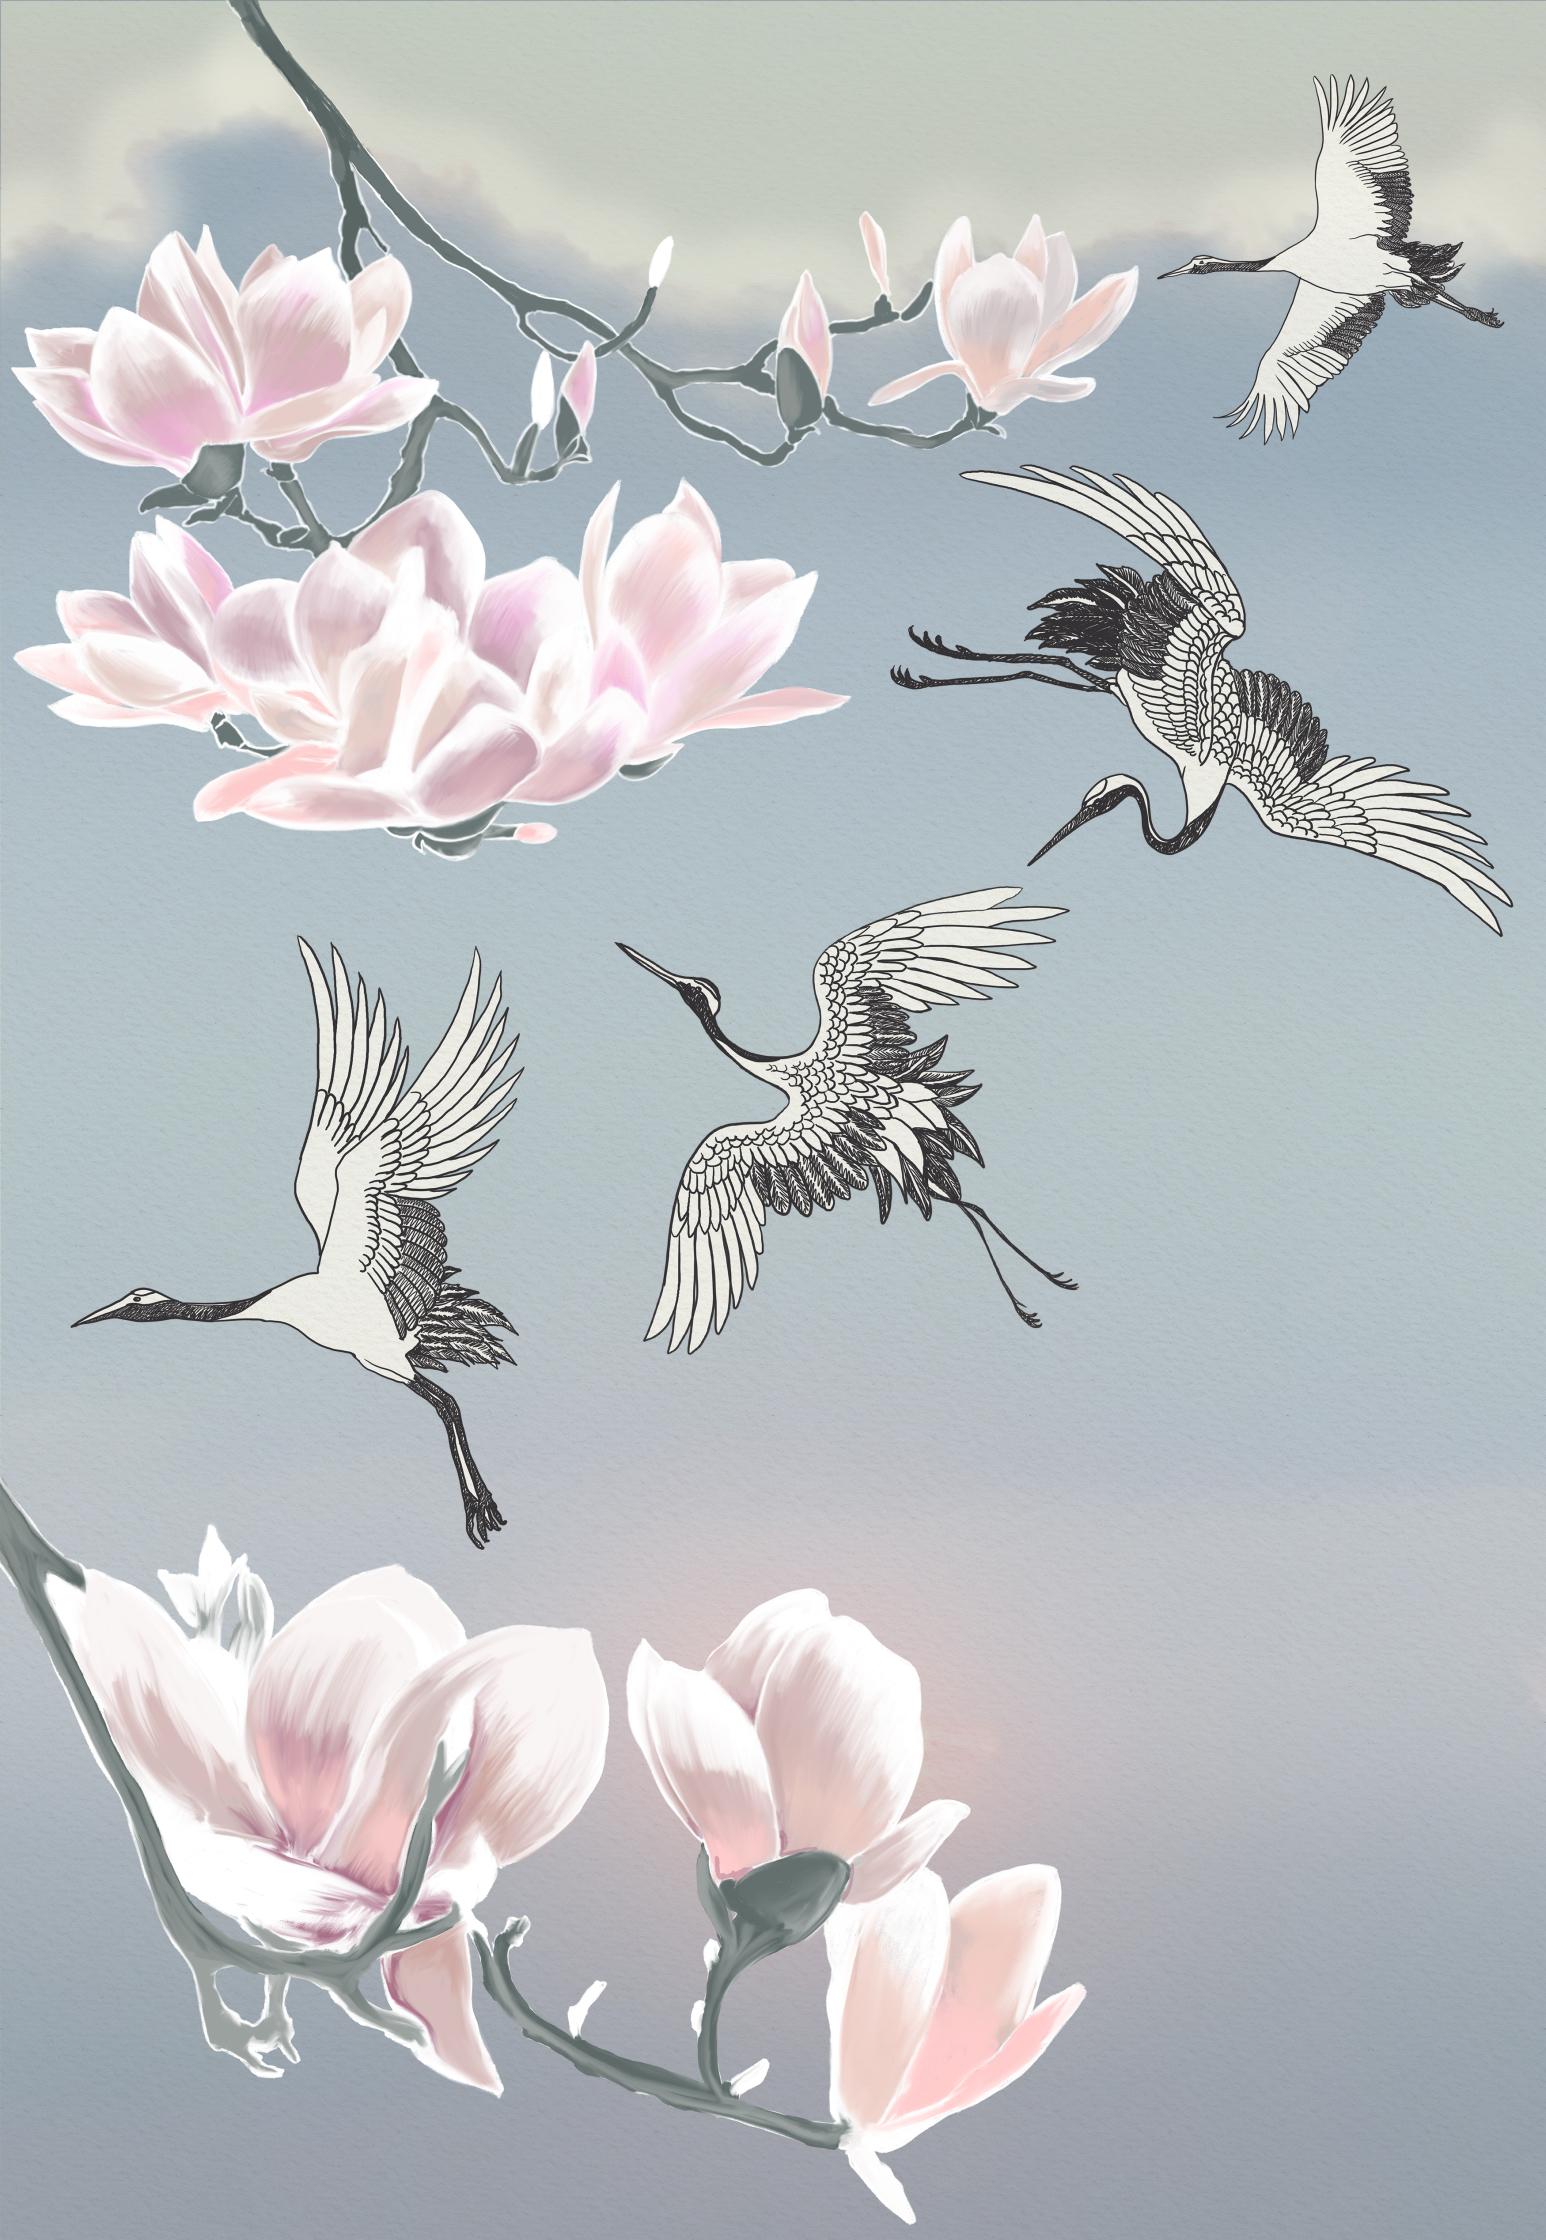 Yang_Sheng_exercise_cranes_flying_ Hardie_Grant.jpg